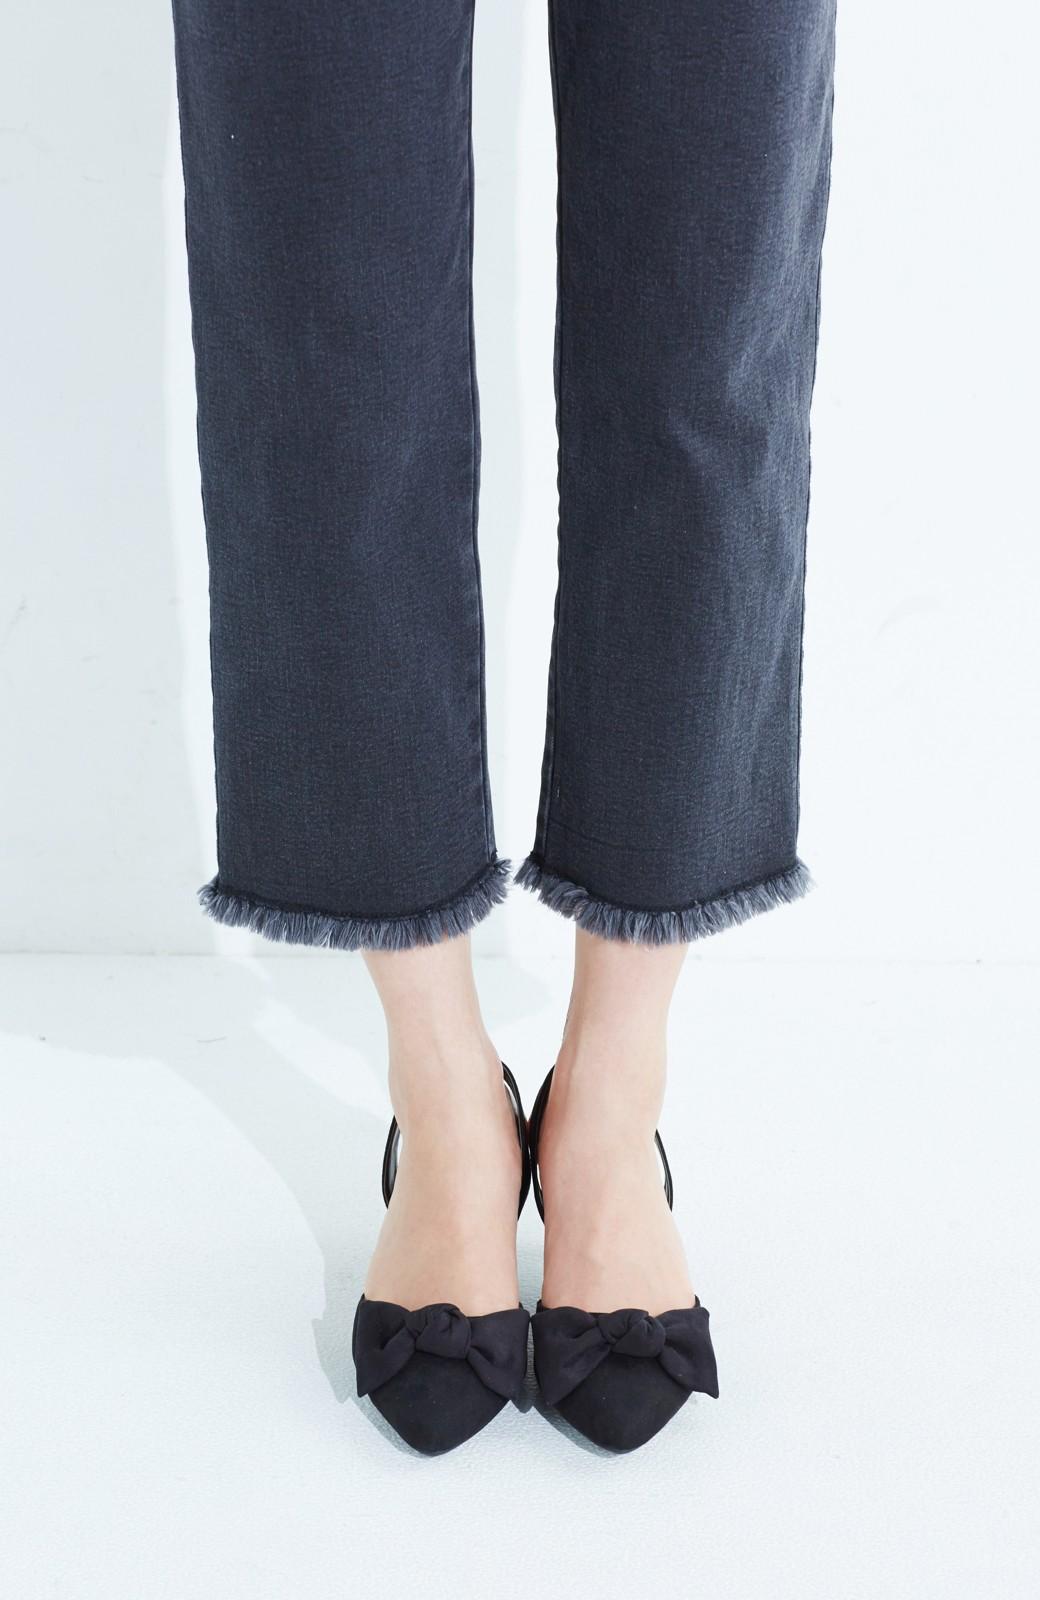 haco! 華奢ちょいヒールで気軽に女っぽくなれる バックストラップリボンパンプス <ブラック>の商品写真3